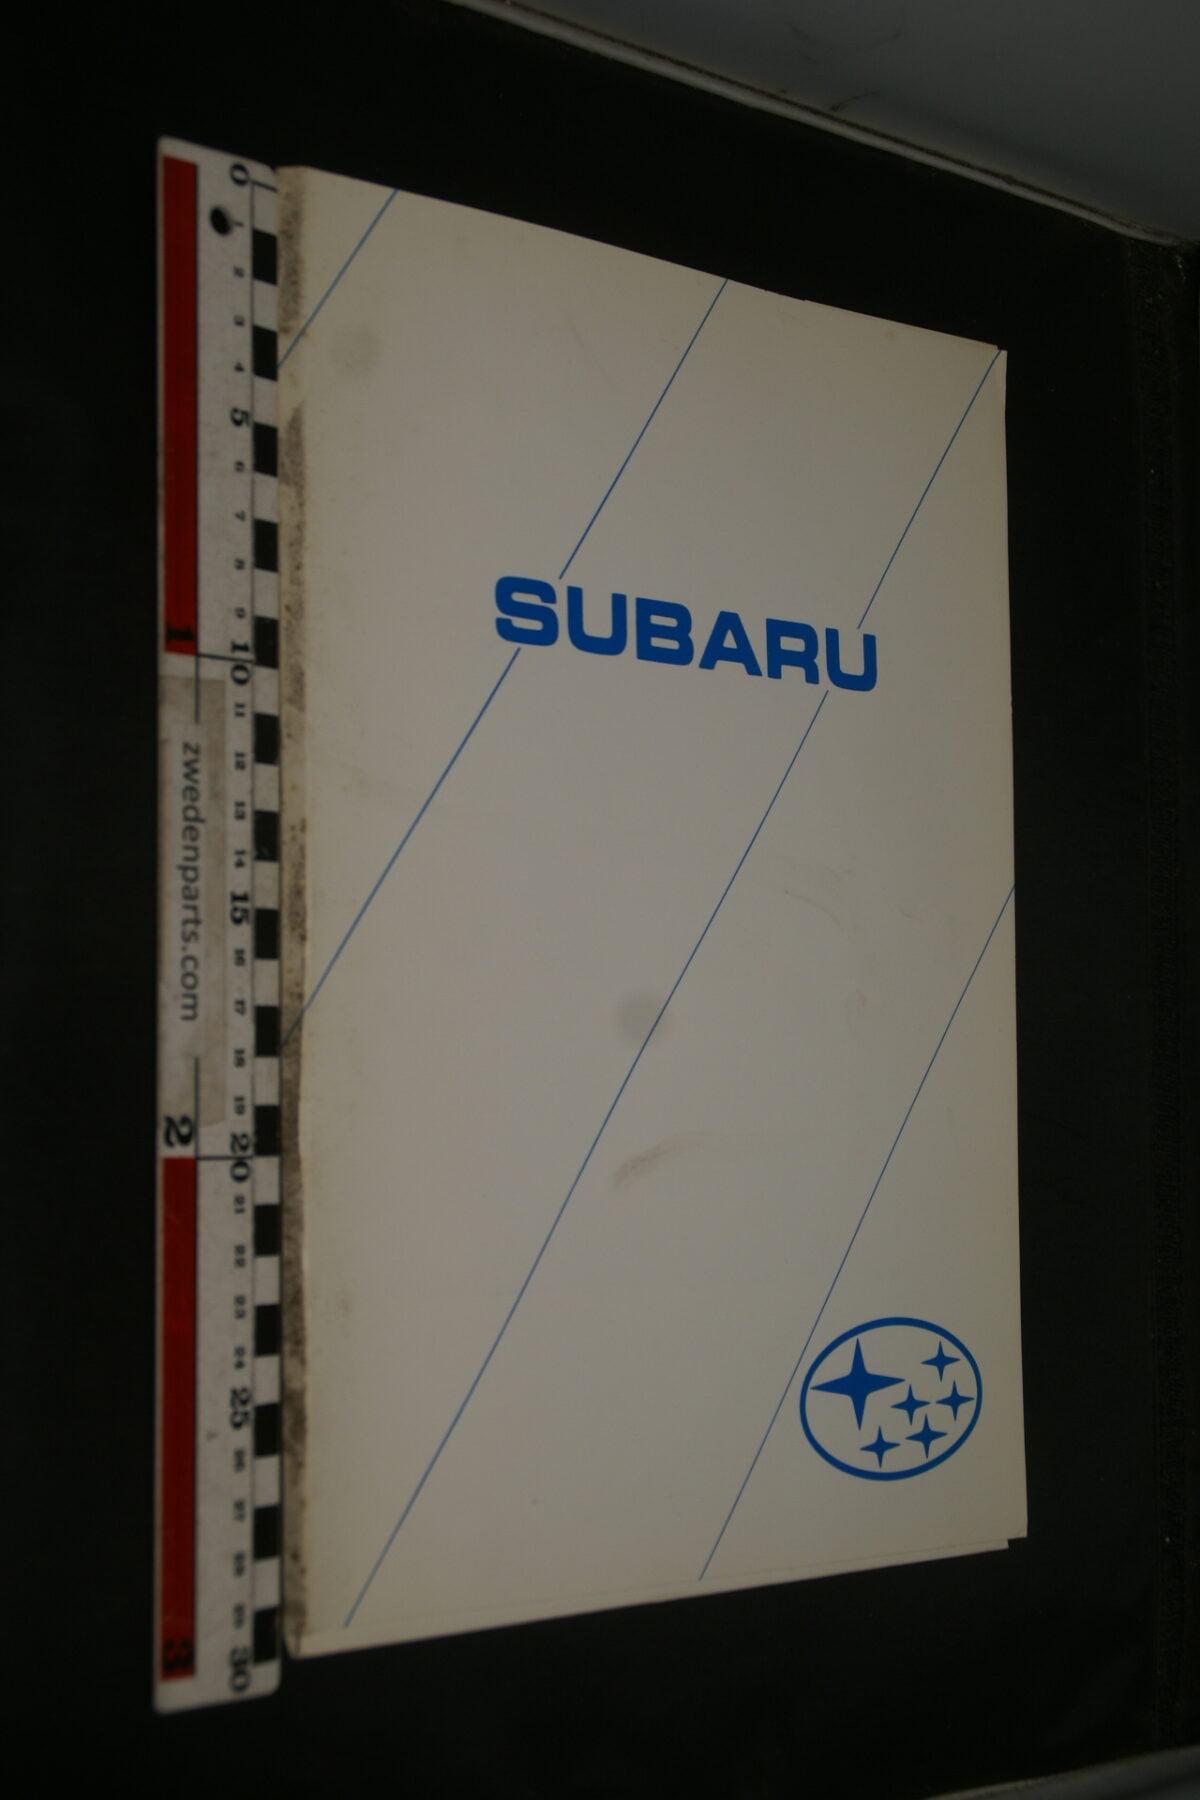 DSC02422 1996 originele persmap Subaru AWD-95a3ccc5